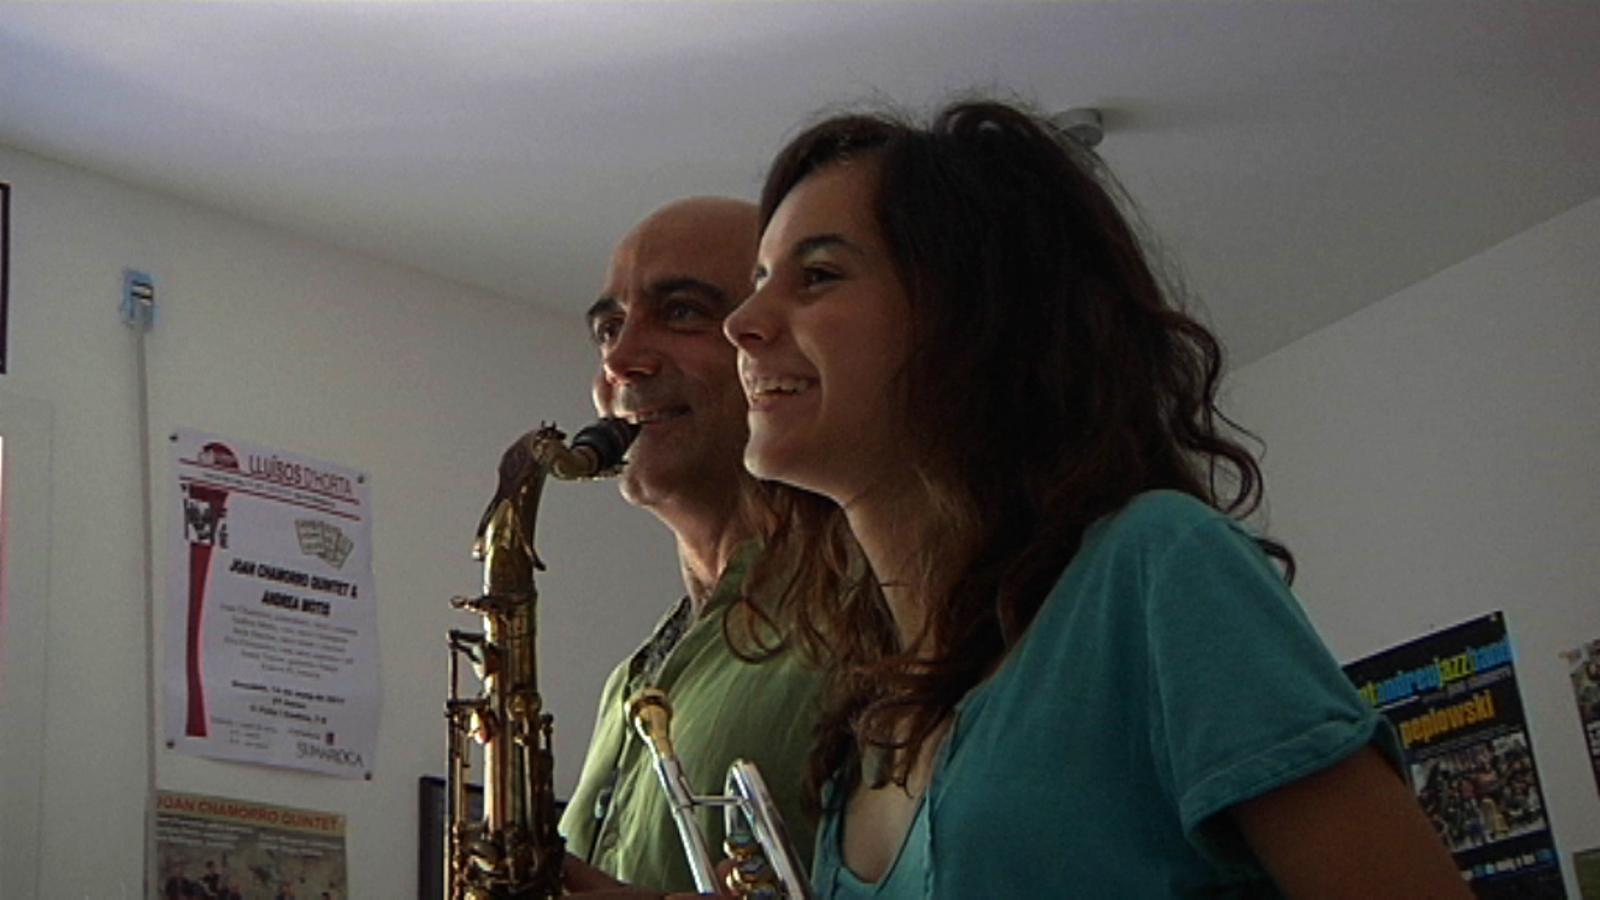 Joan Chamorro sobre Andrea Motis: No me la imagino cantant pop. Però ella mana en el seu futur.